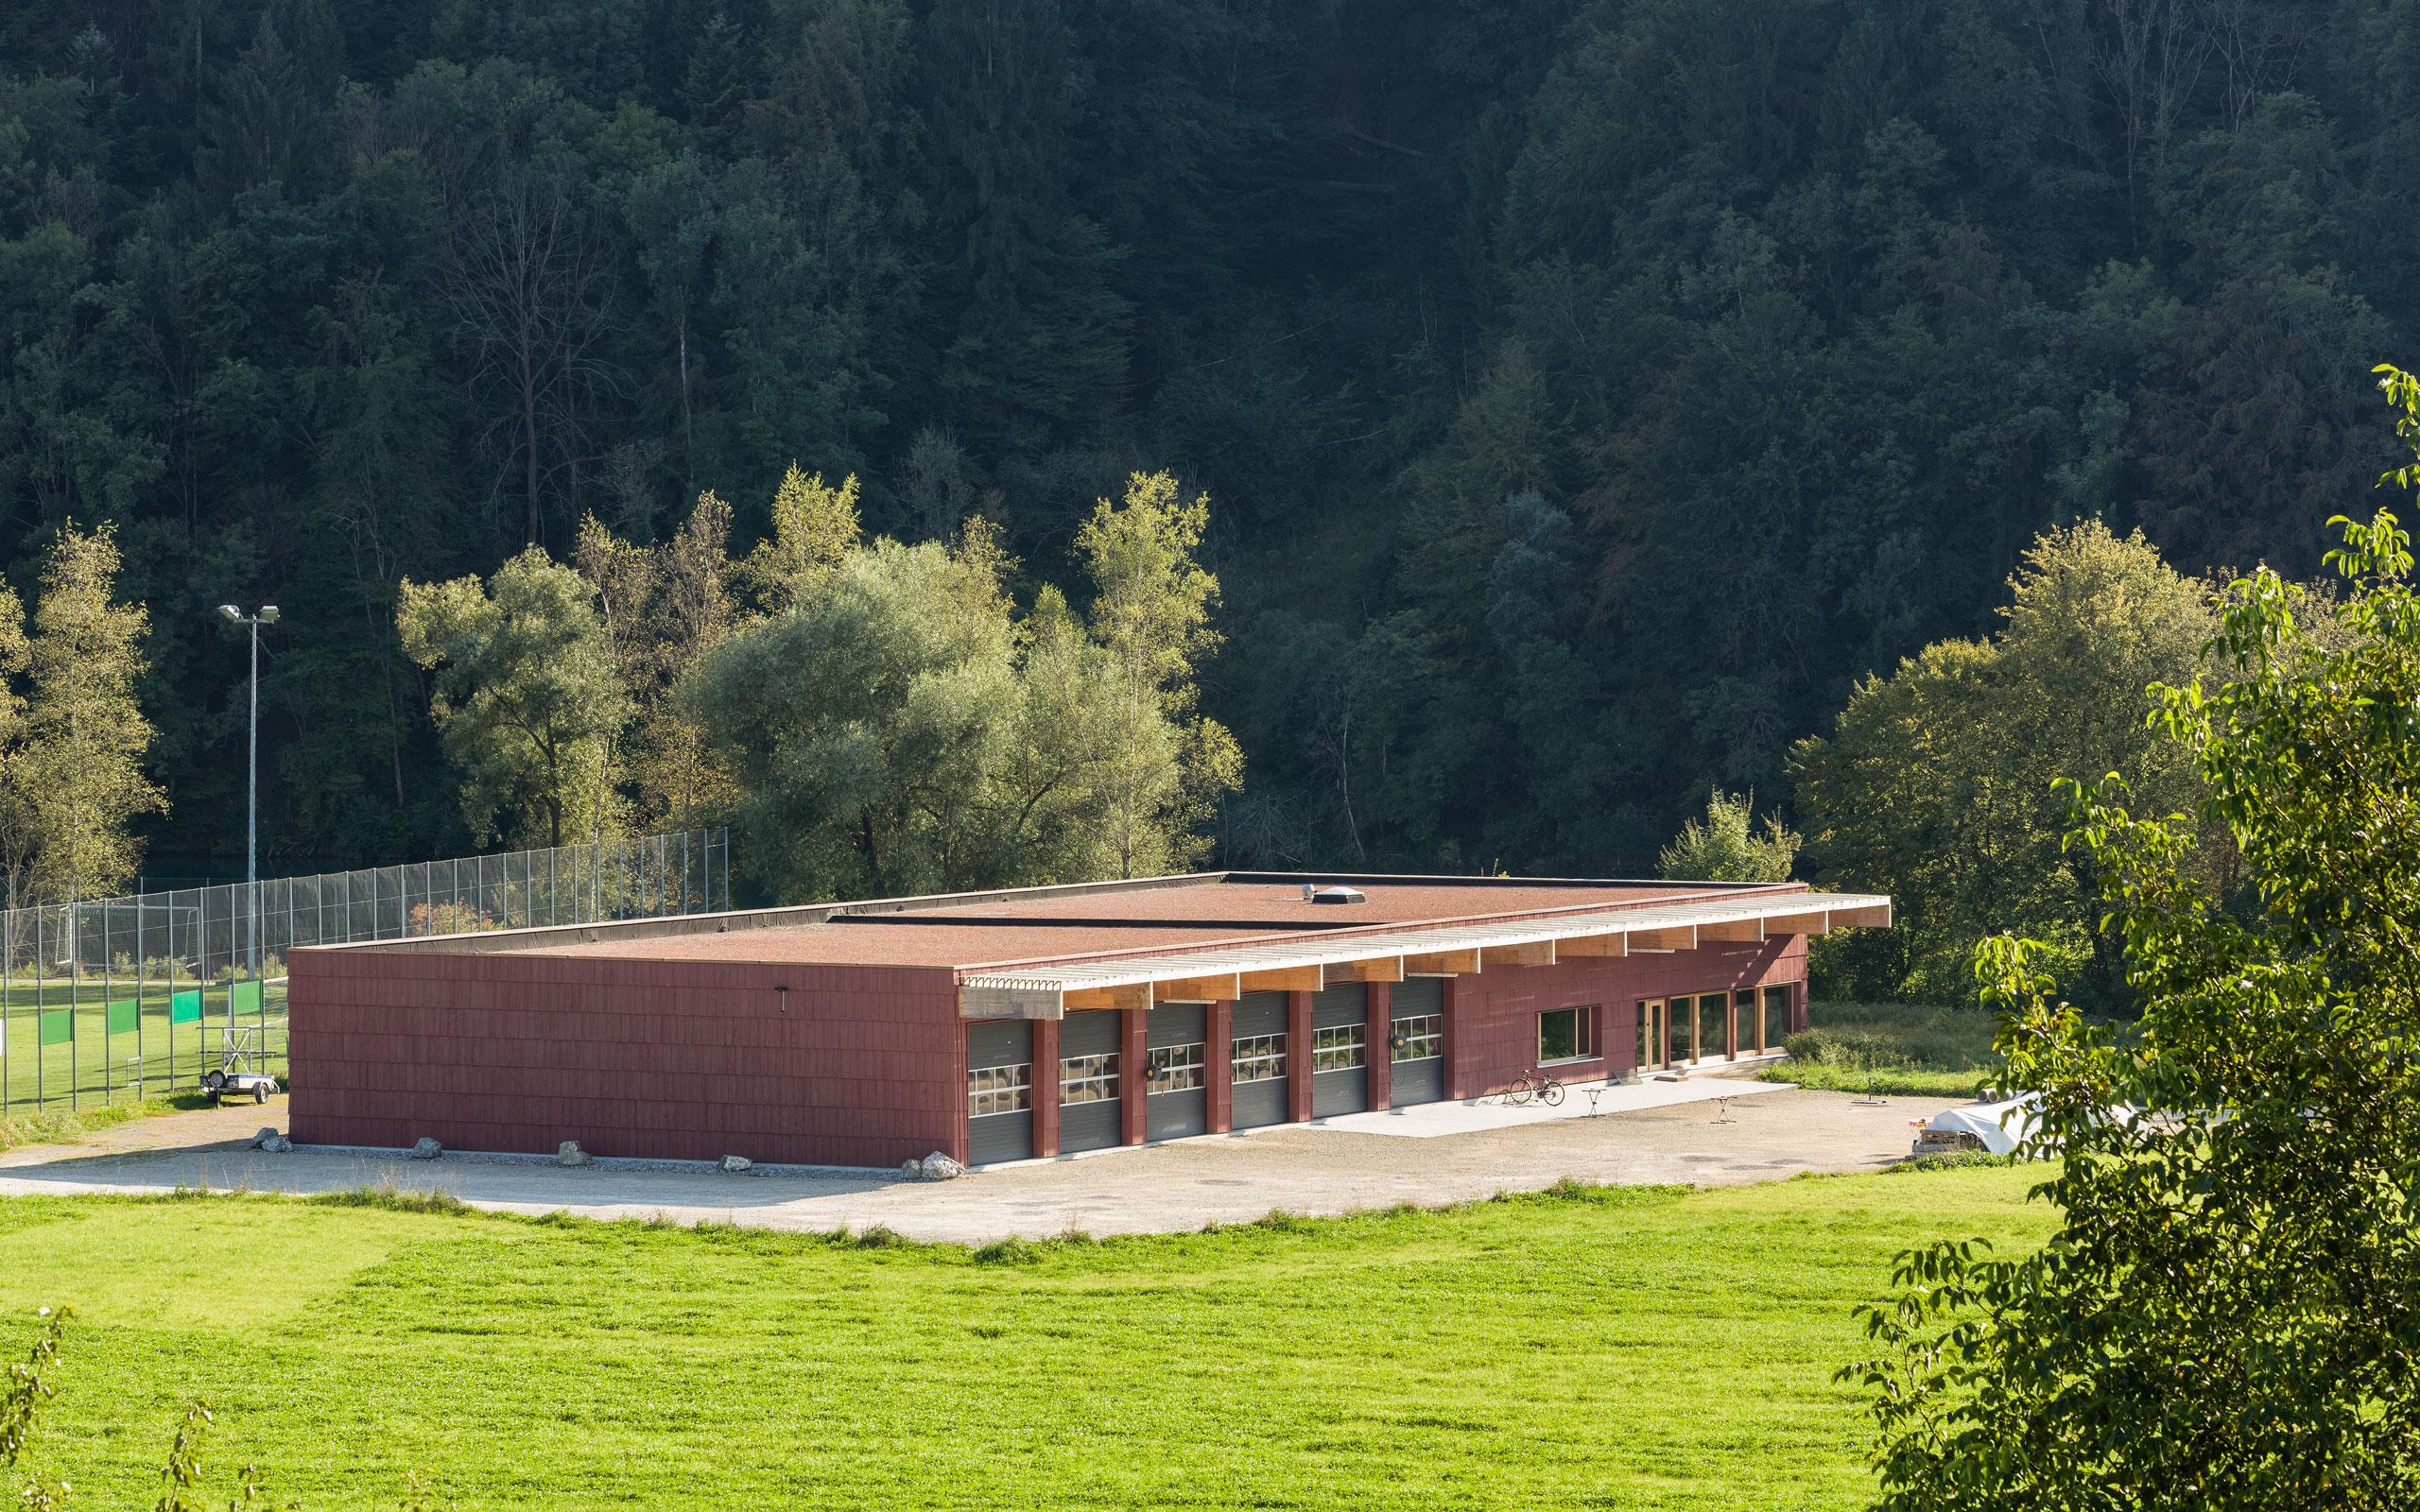 Architektur, sgparch.ch, Bootshaus Hinterkappelen